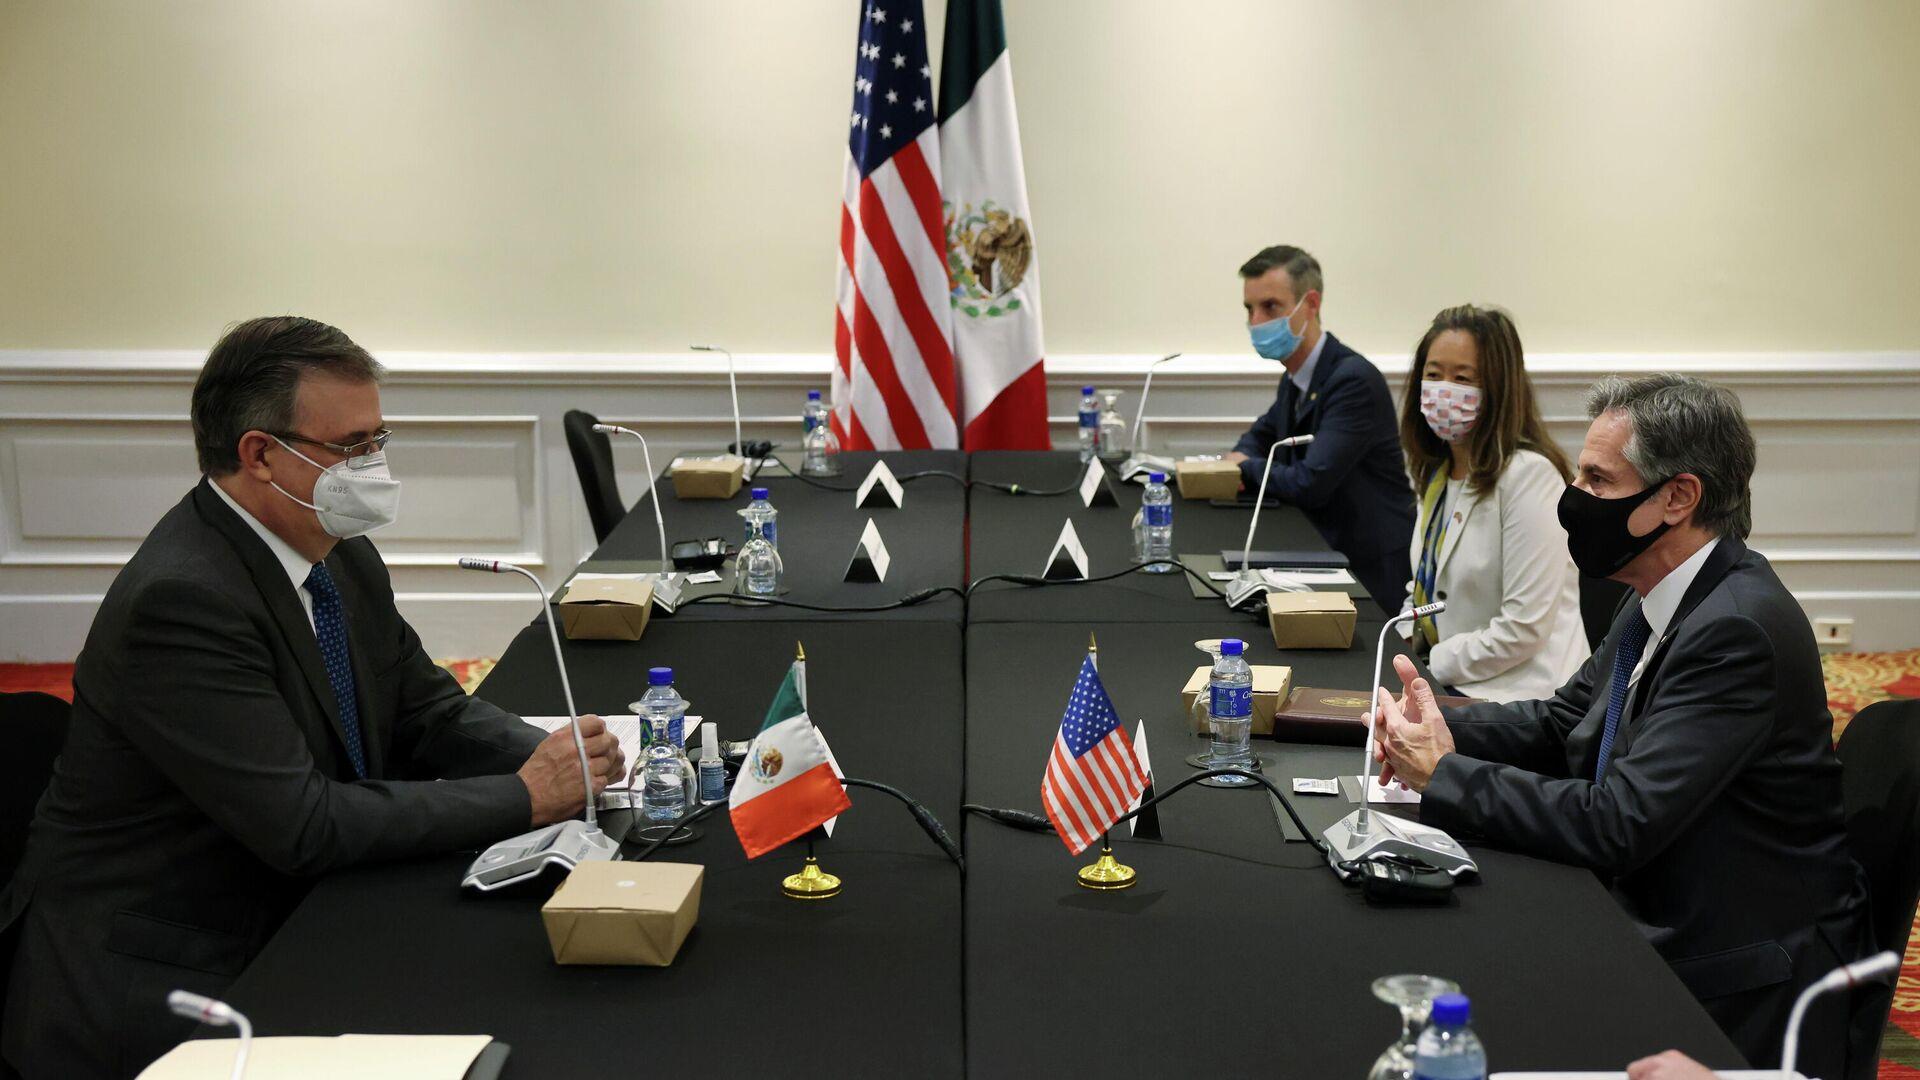 El canciller de México, Marcelo Ebrard, junto al secretario de Estado de EEUU, Antony Blinken - Sputnik Mundo, 1920, 02.06.2021